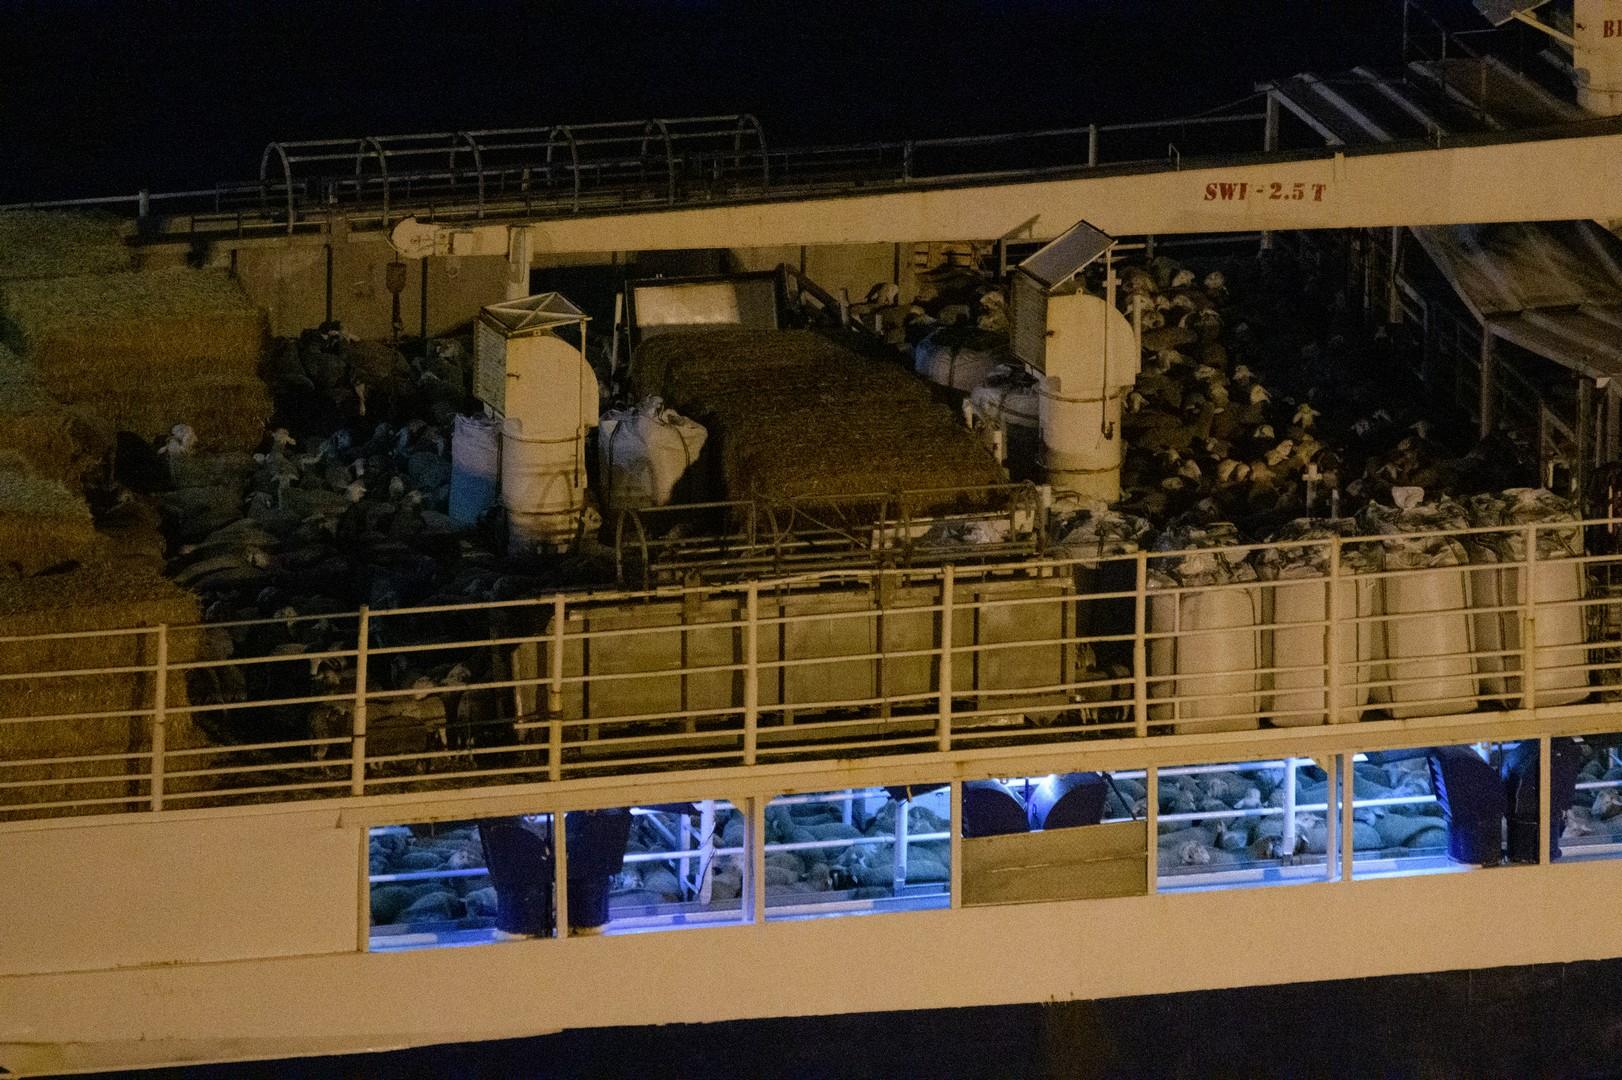 Ancora una volta, il porto di Cartagena, in Spagna, è teatro di tragici avvenimenti che coinvolgono migliaia di animali